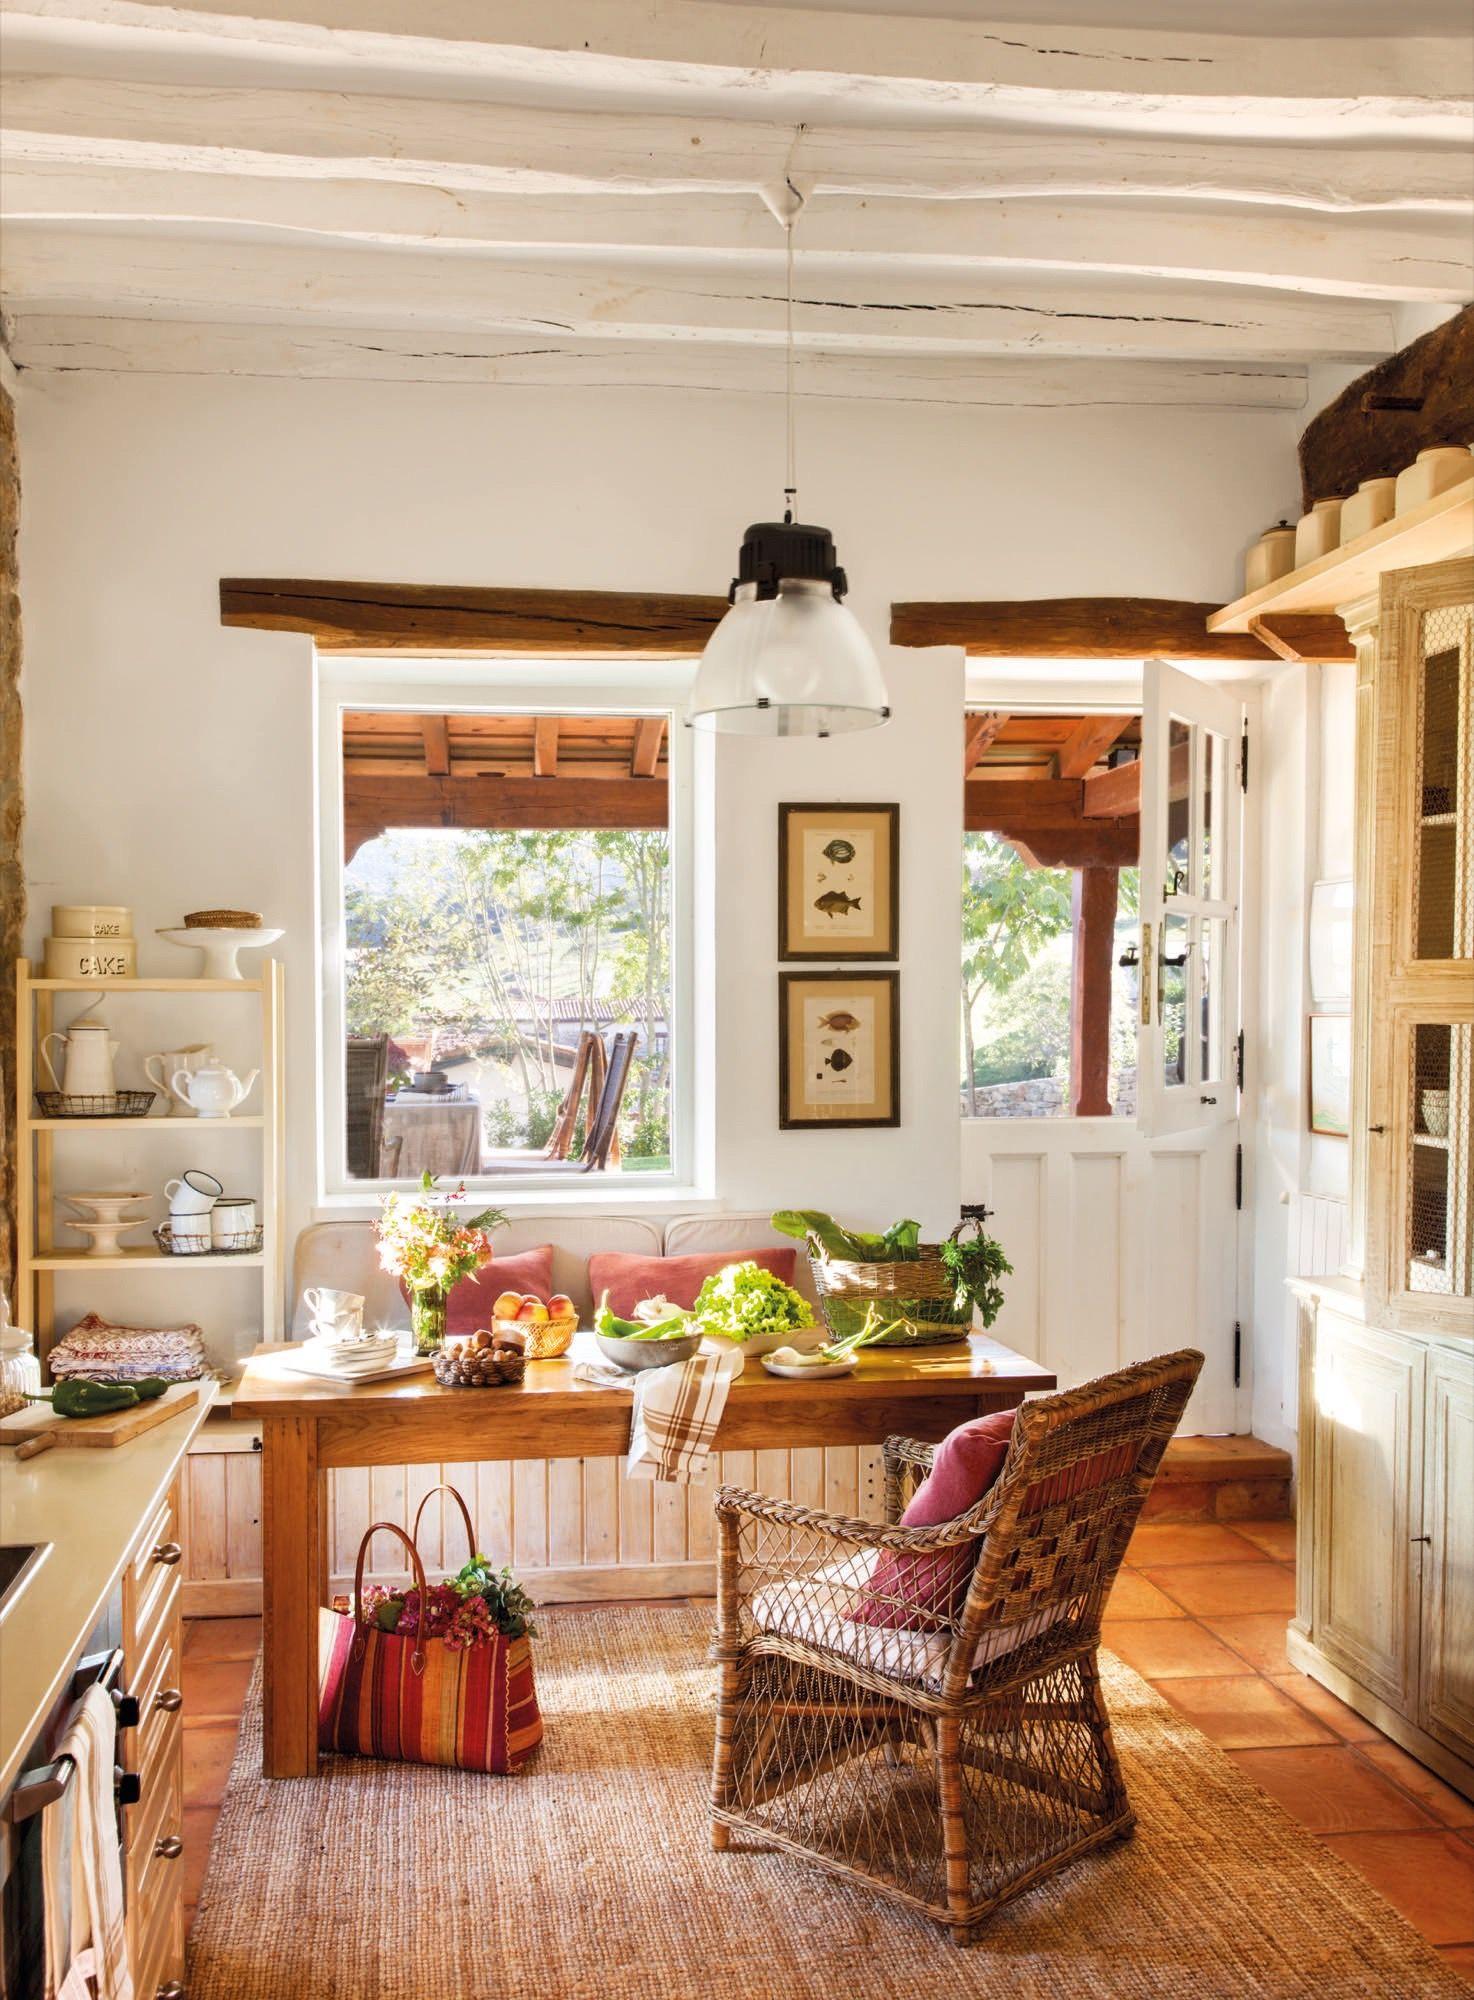 office en la cocina de una casa rustica DECORHOME